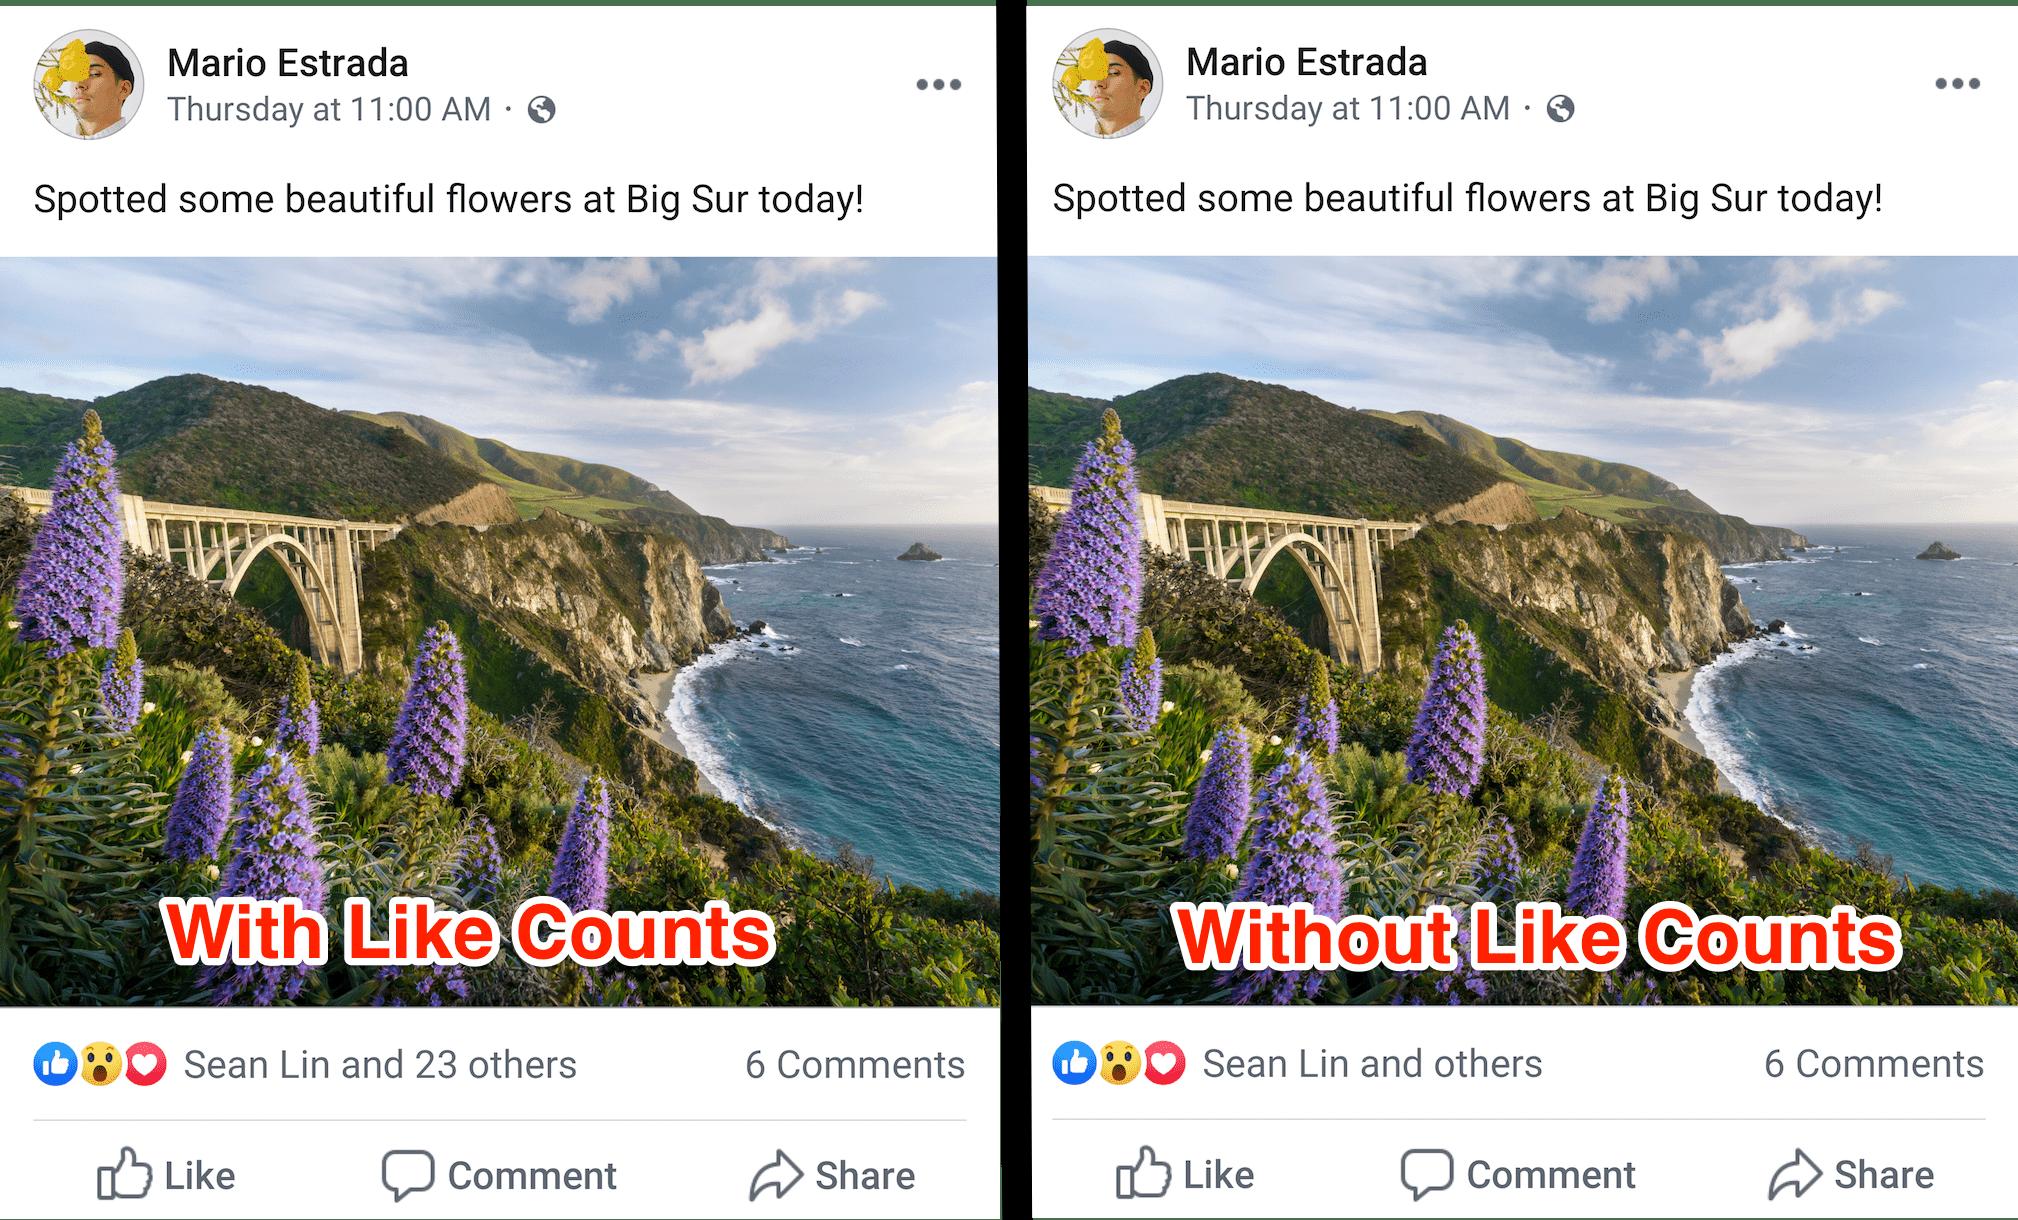 Как выглядит пост без количества лайков